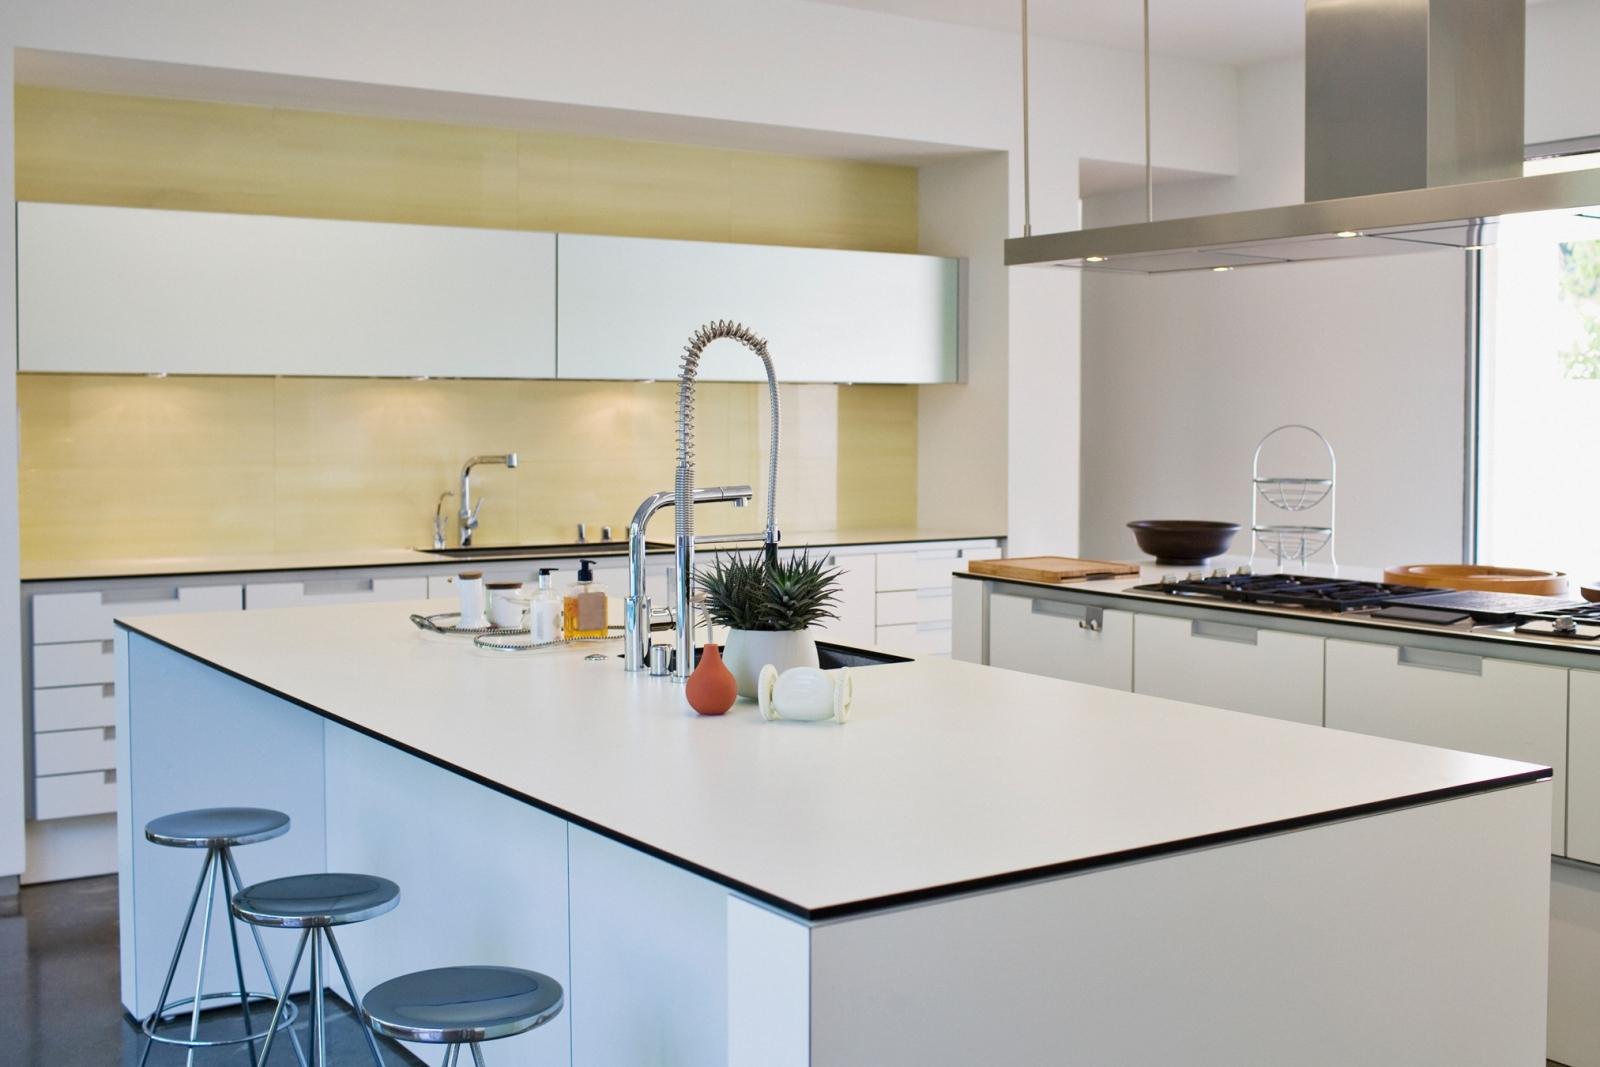 Prijs keuken u vorm : prijs graniet werkblad keuken. prijs ...